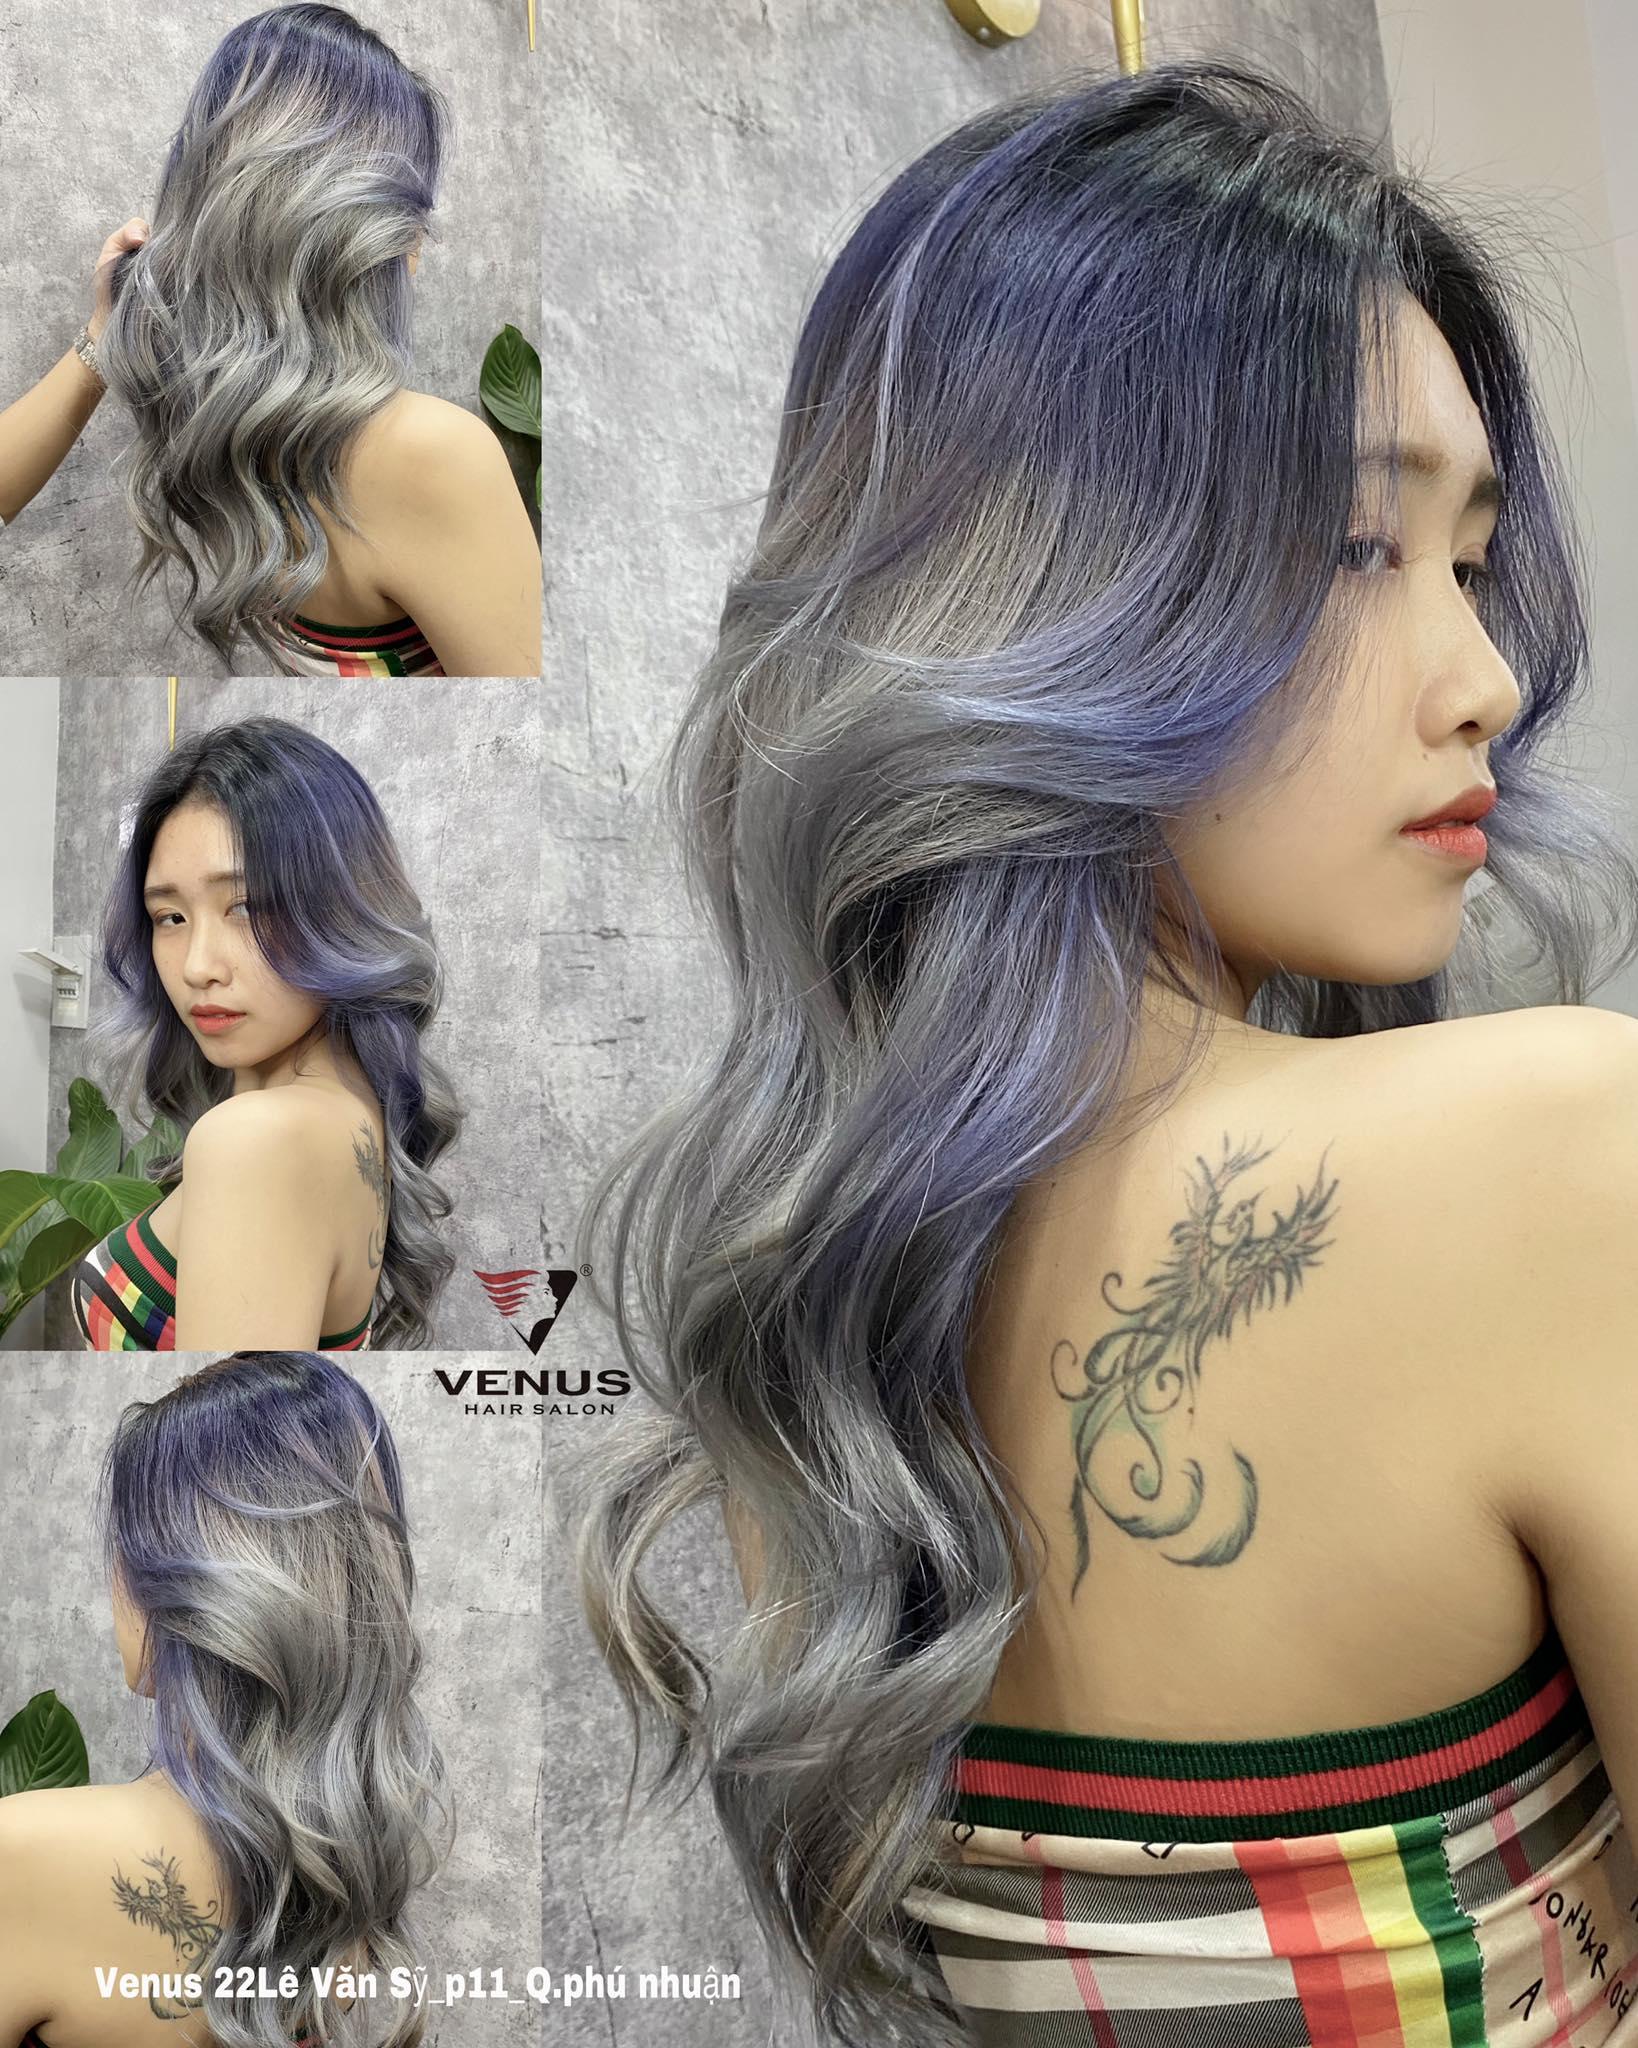 Nếu mà nàng thích tóc xinh, Qua ngay VENUS, lung linh bội phần